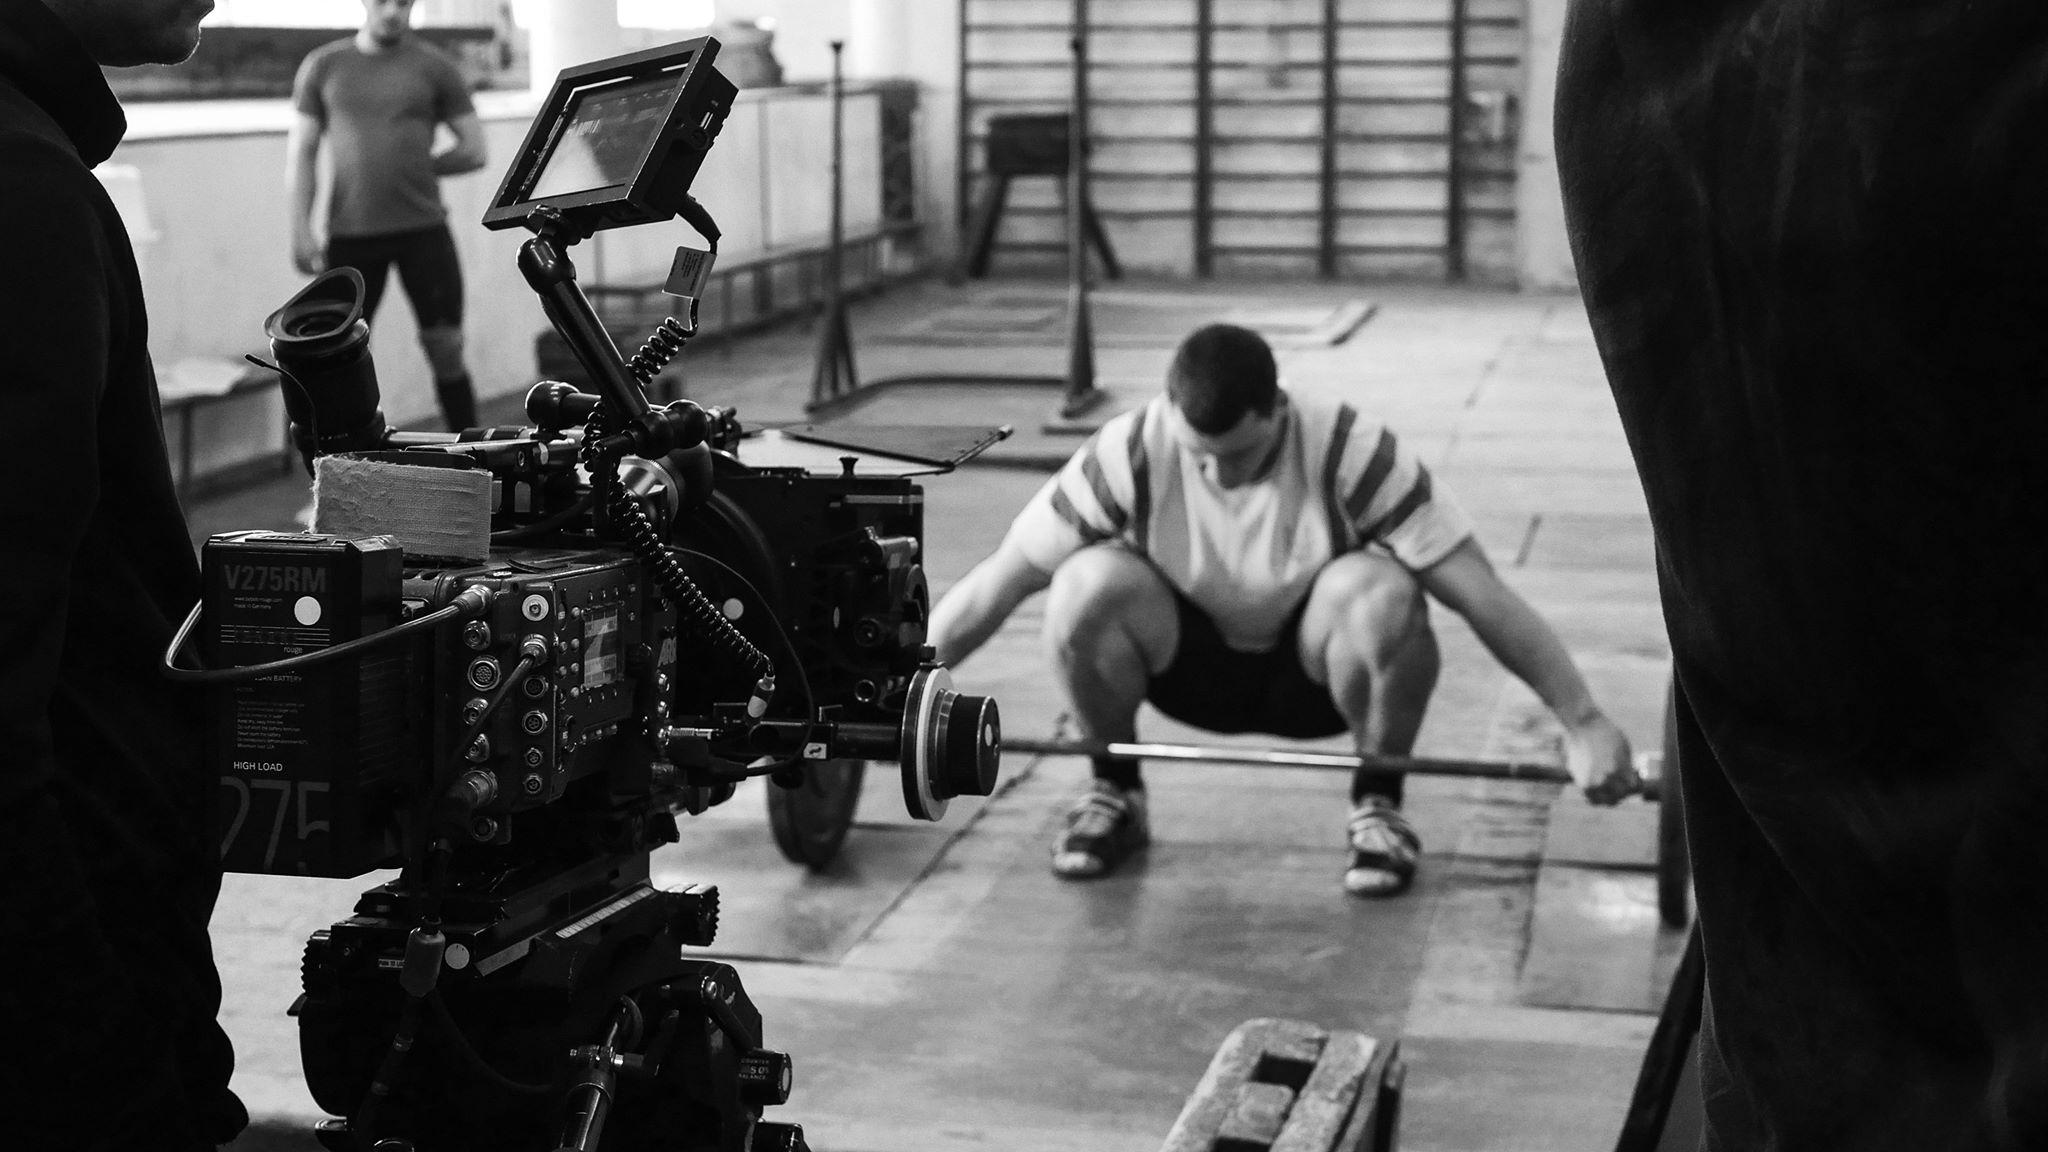 Статьи  «Штангист» Дмитрия Сухолиткого-Собчука: Тяжёлая атлетика эксперимента